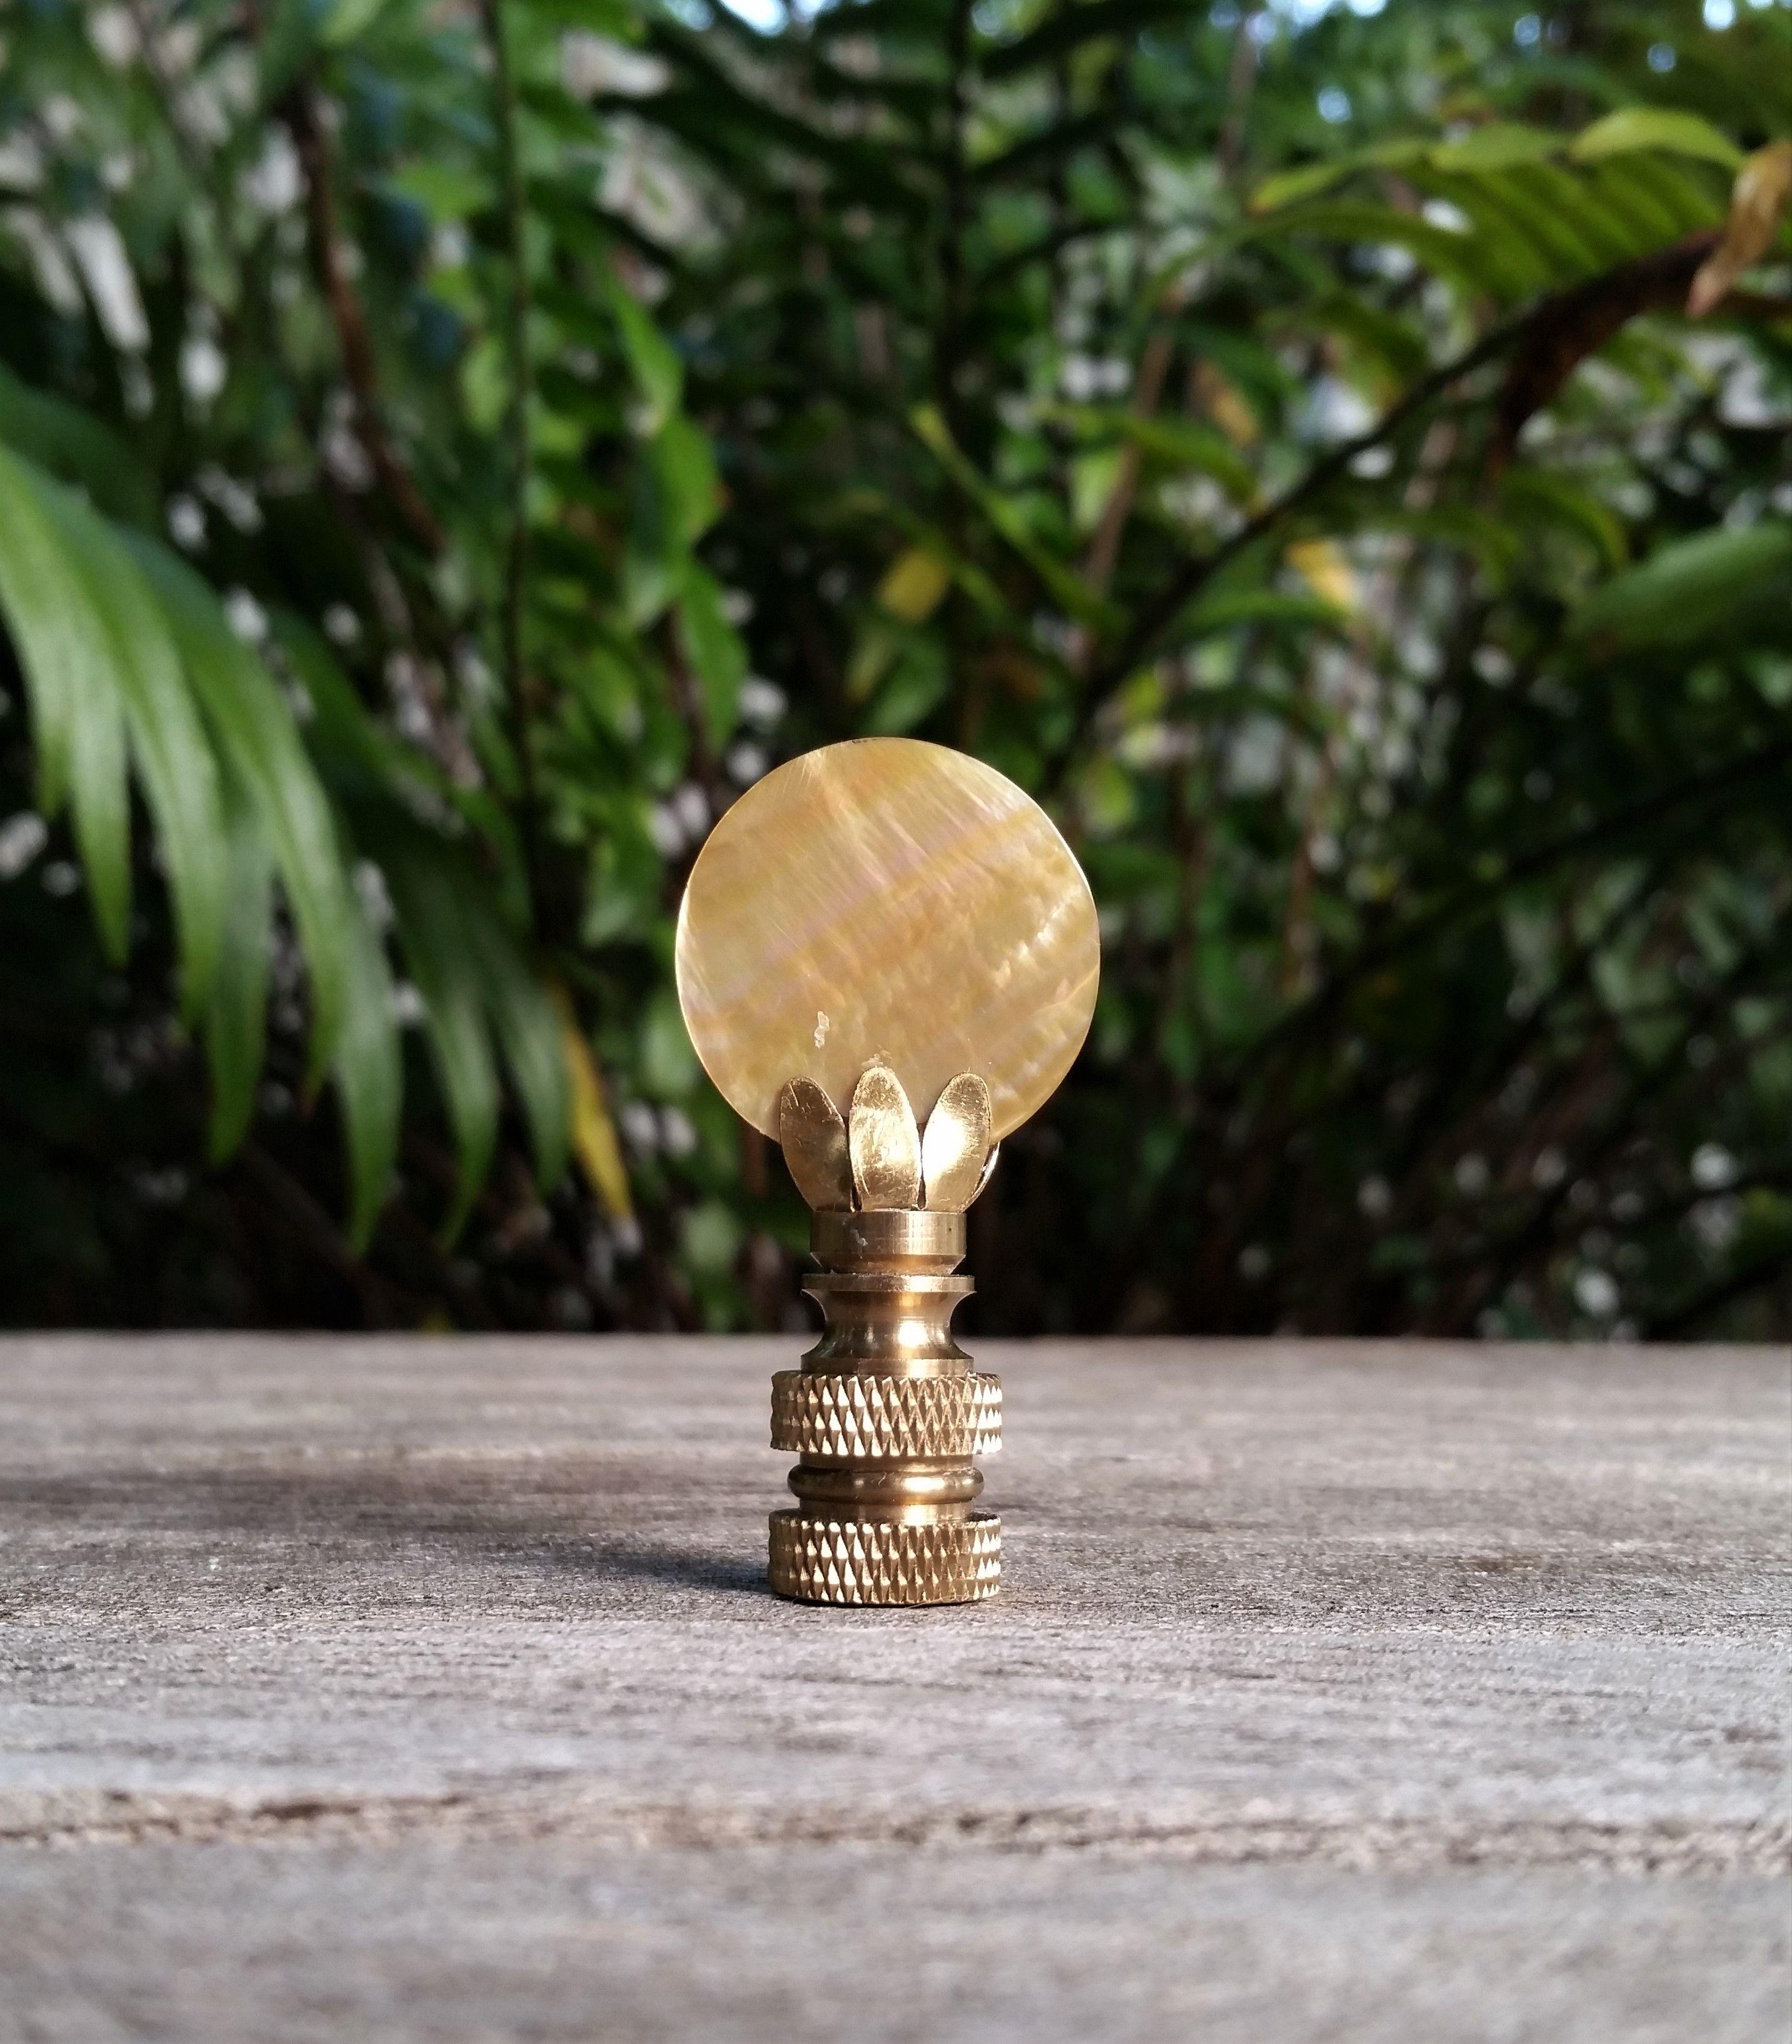 Mother Of Pearl Lamp Finial Lamp Finial Coastal Lamp Golden Lamps